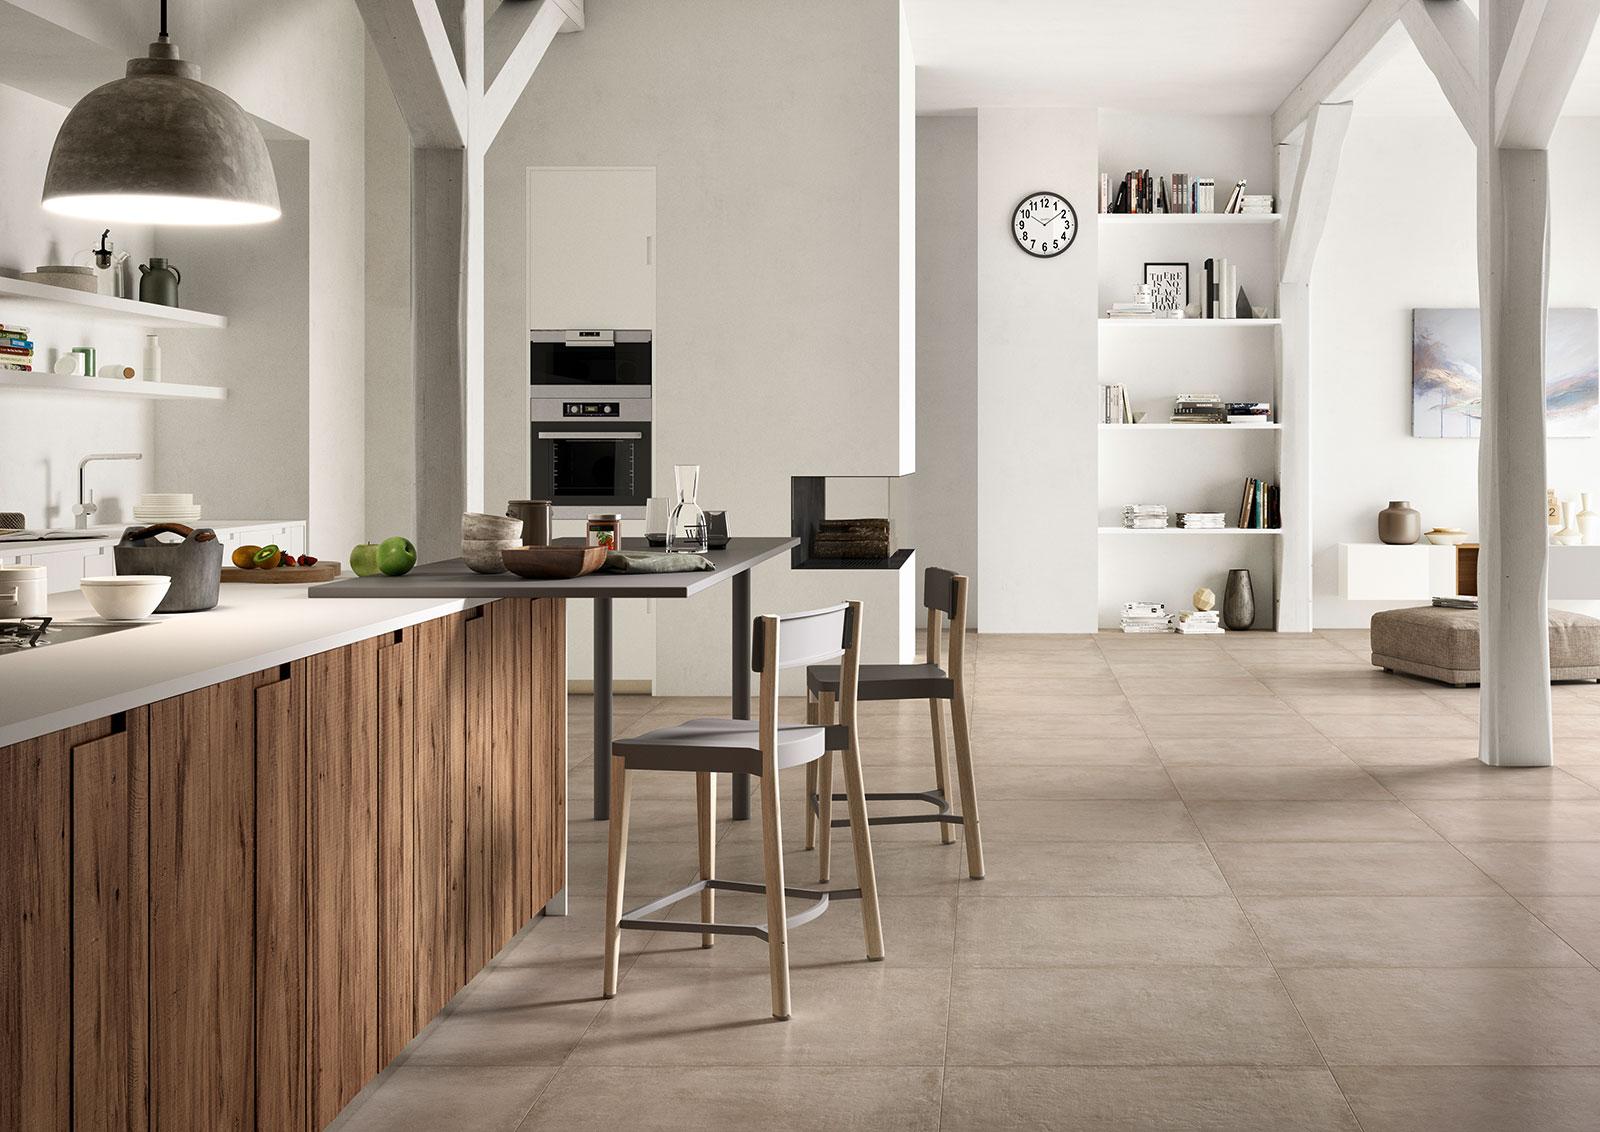 Clays feinsteinzeug in cotto optik marazzi - Tipos de suelos para casas ...